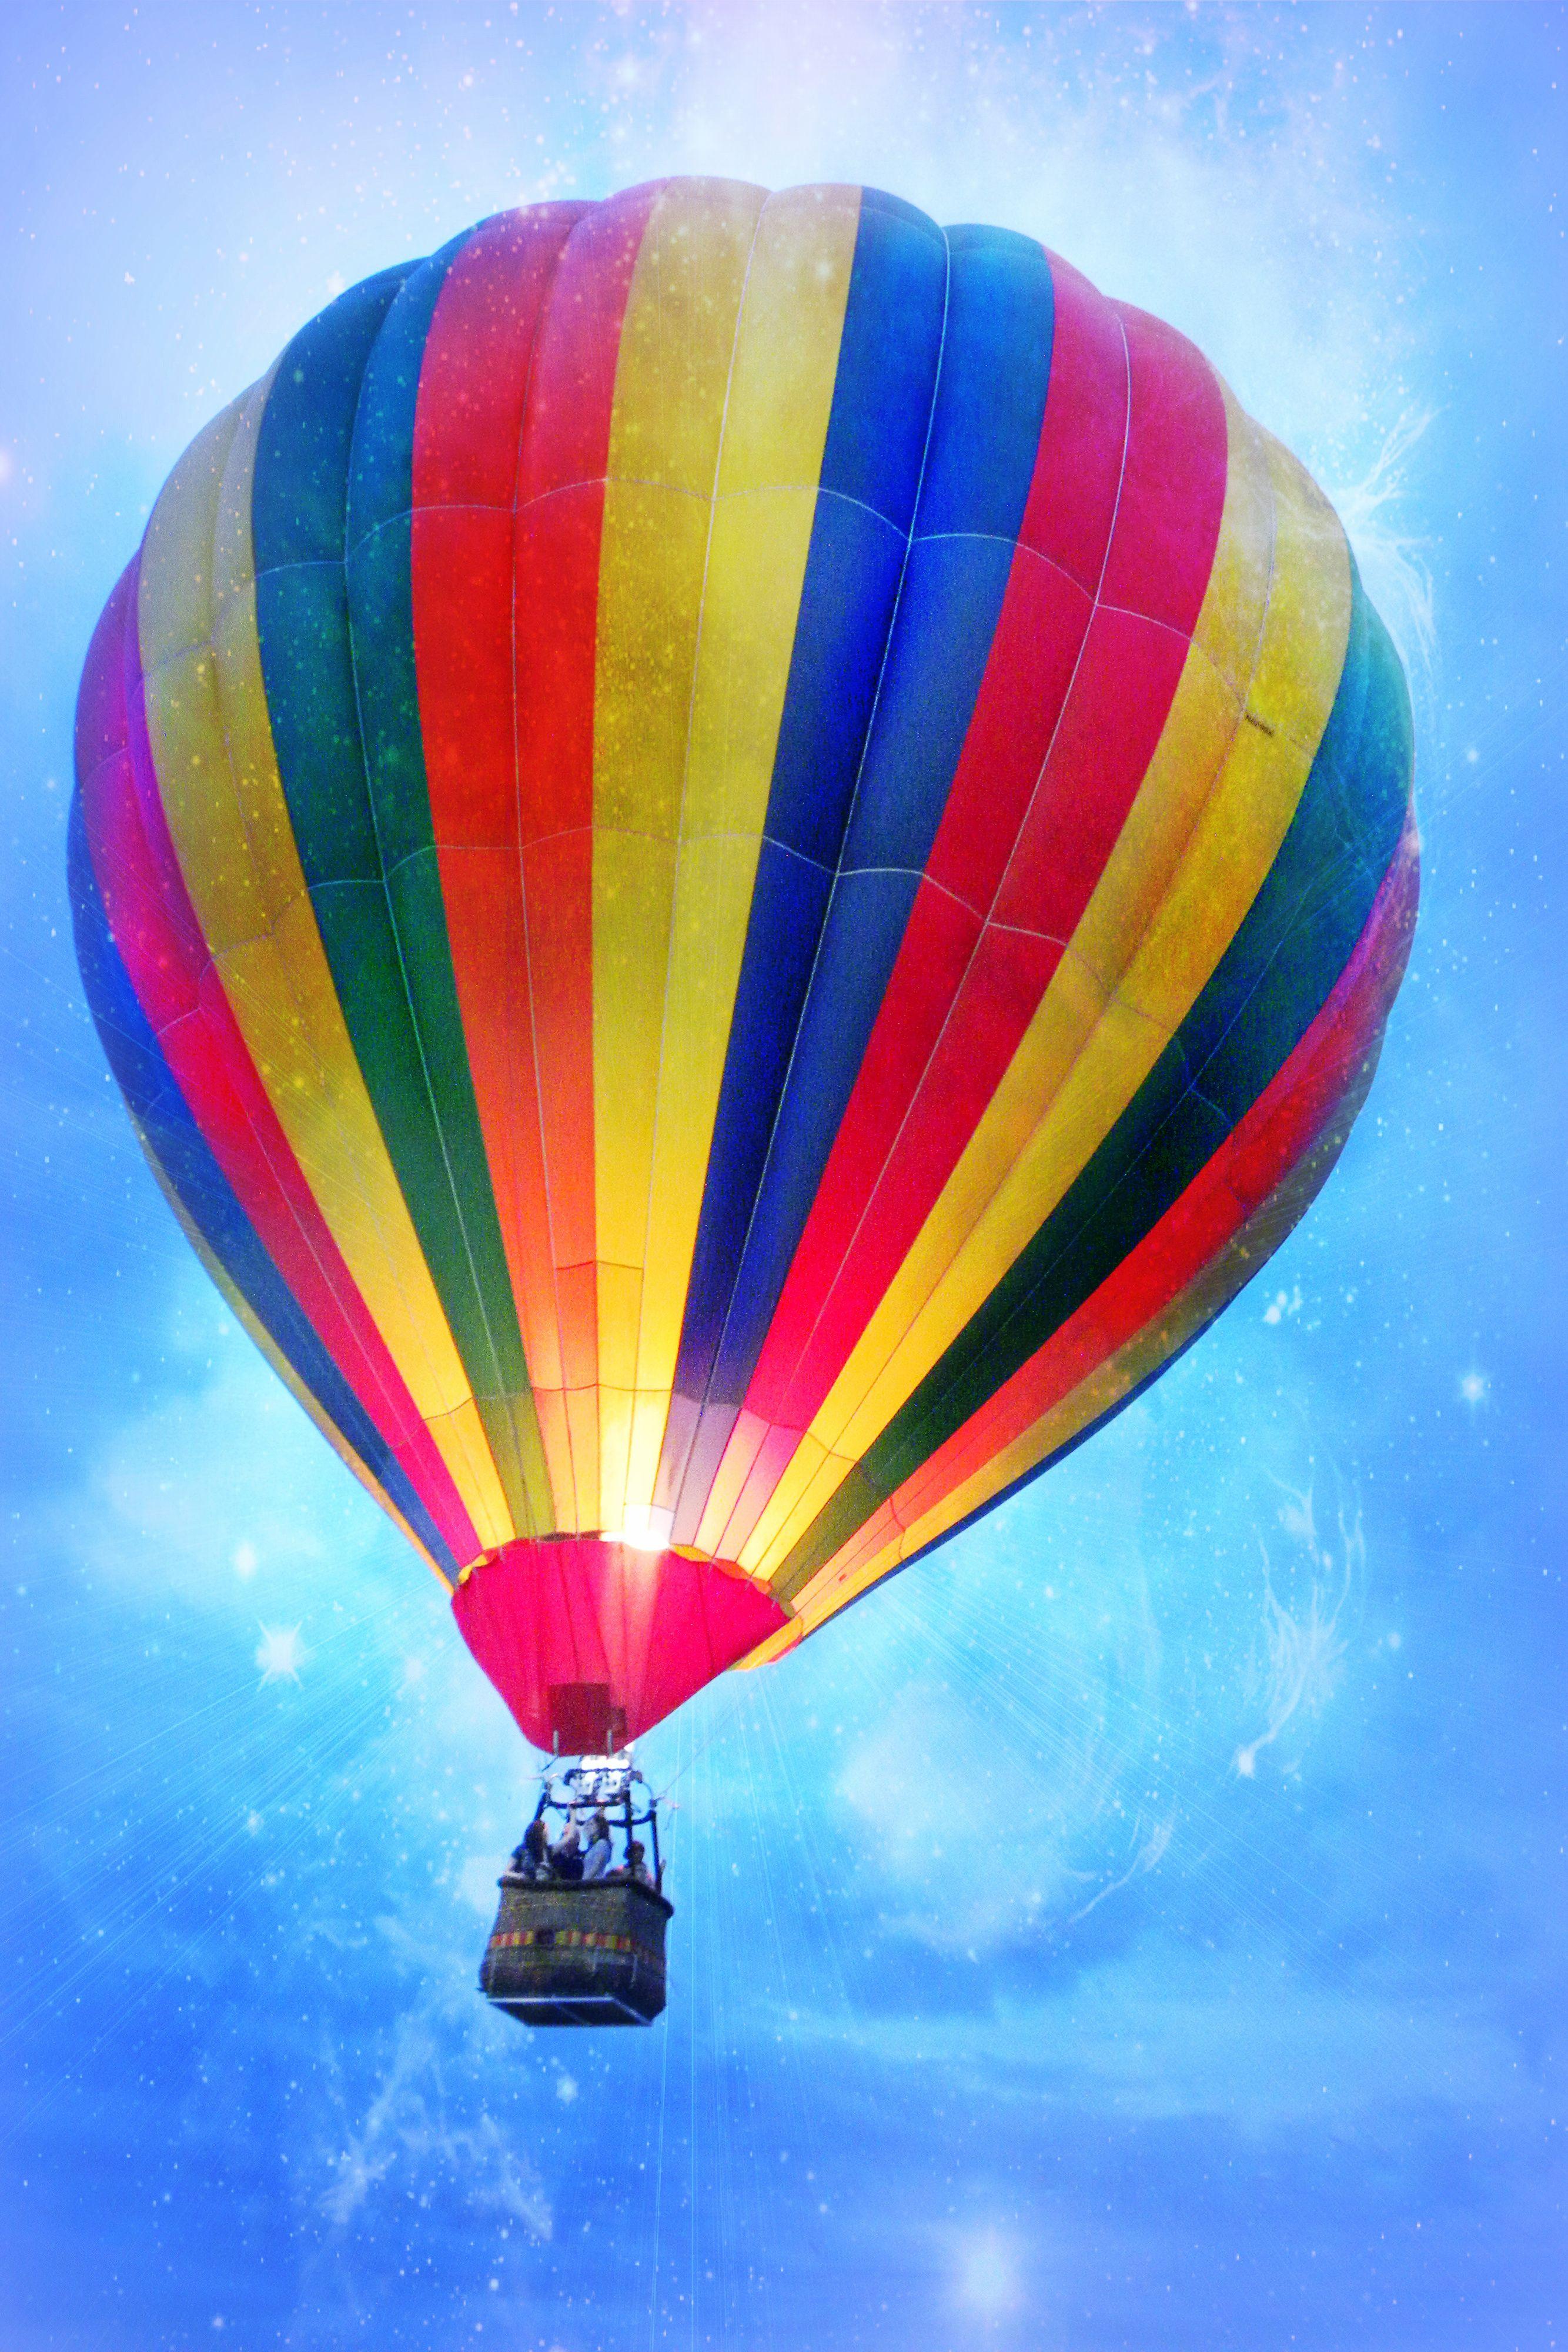 magic hot air balloon ride in 2019 Balloons, Balloon